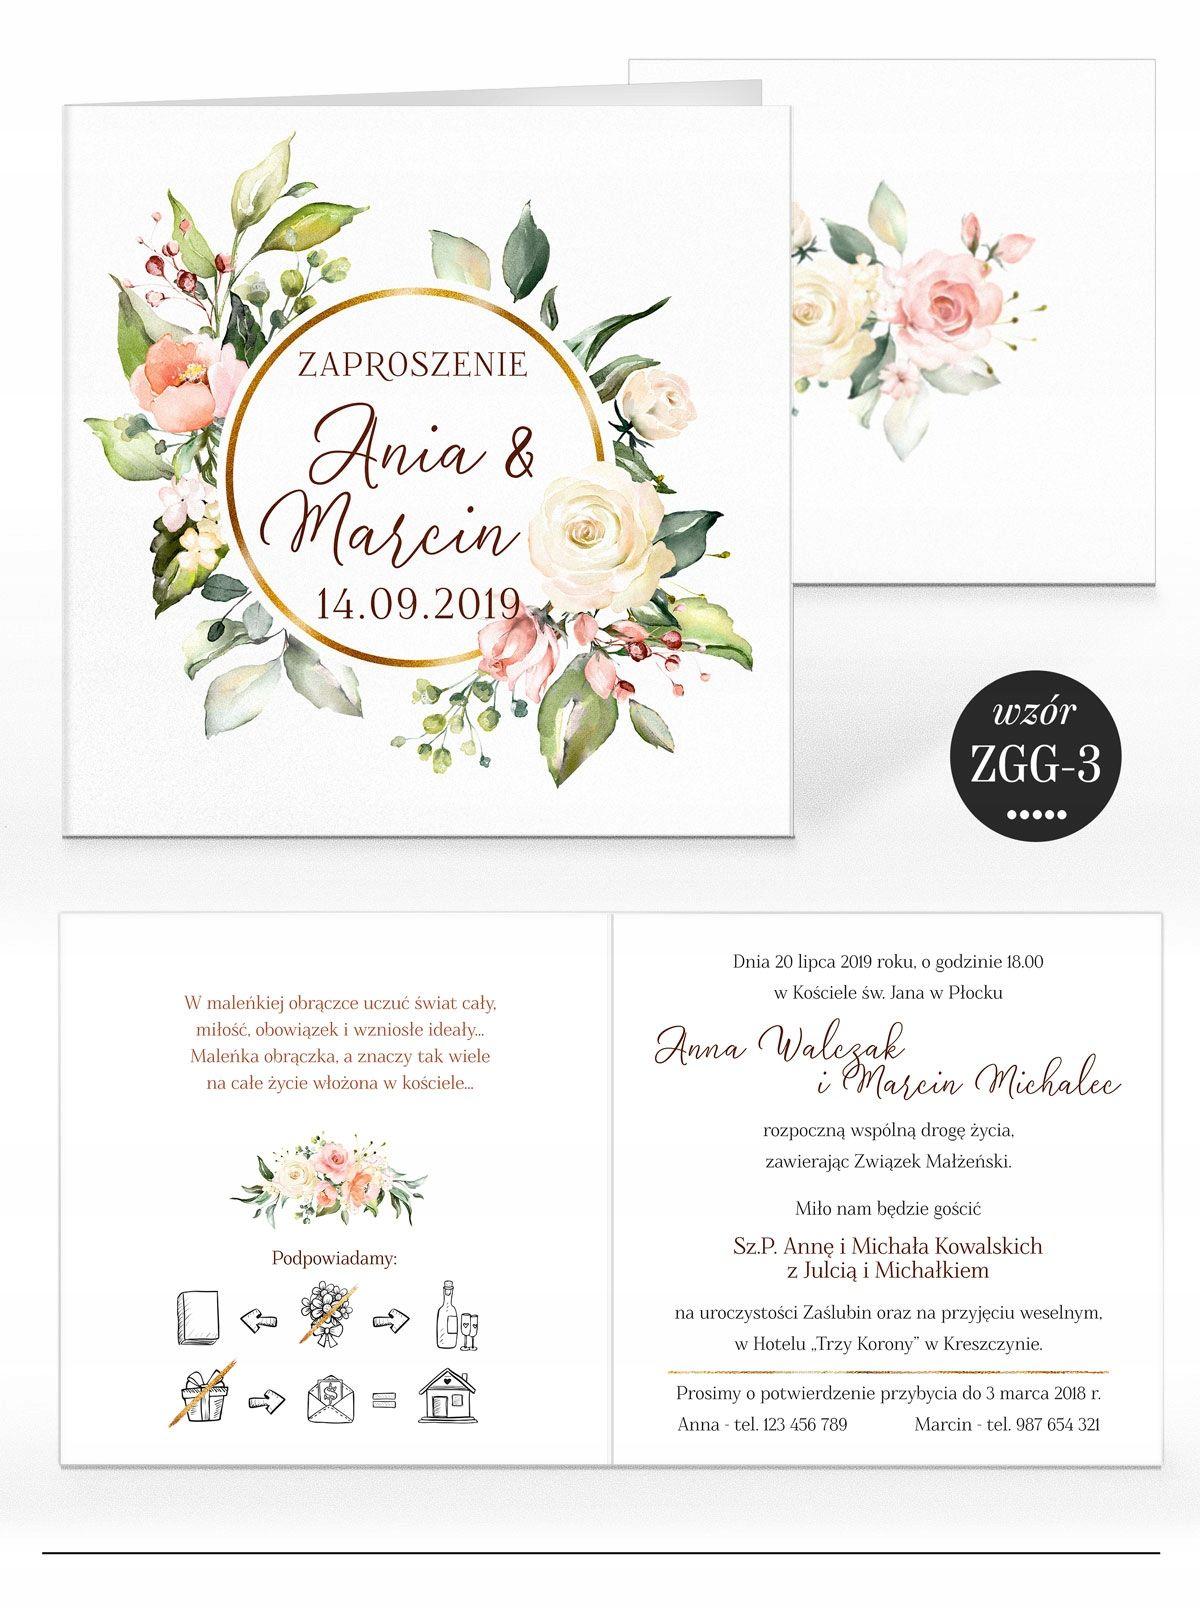 Zaproszenia ślubne Rustykalne Kwiaty Koperta In 2019 For Rionne